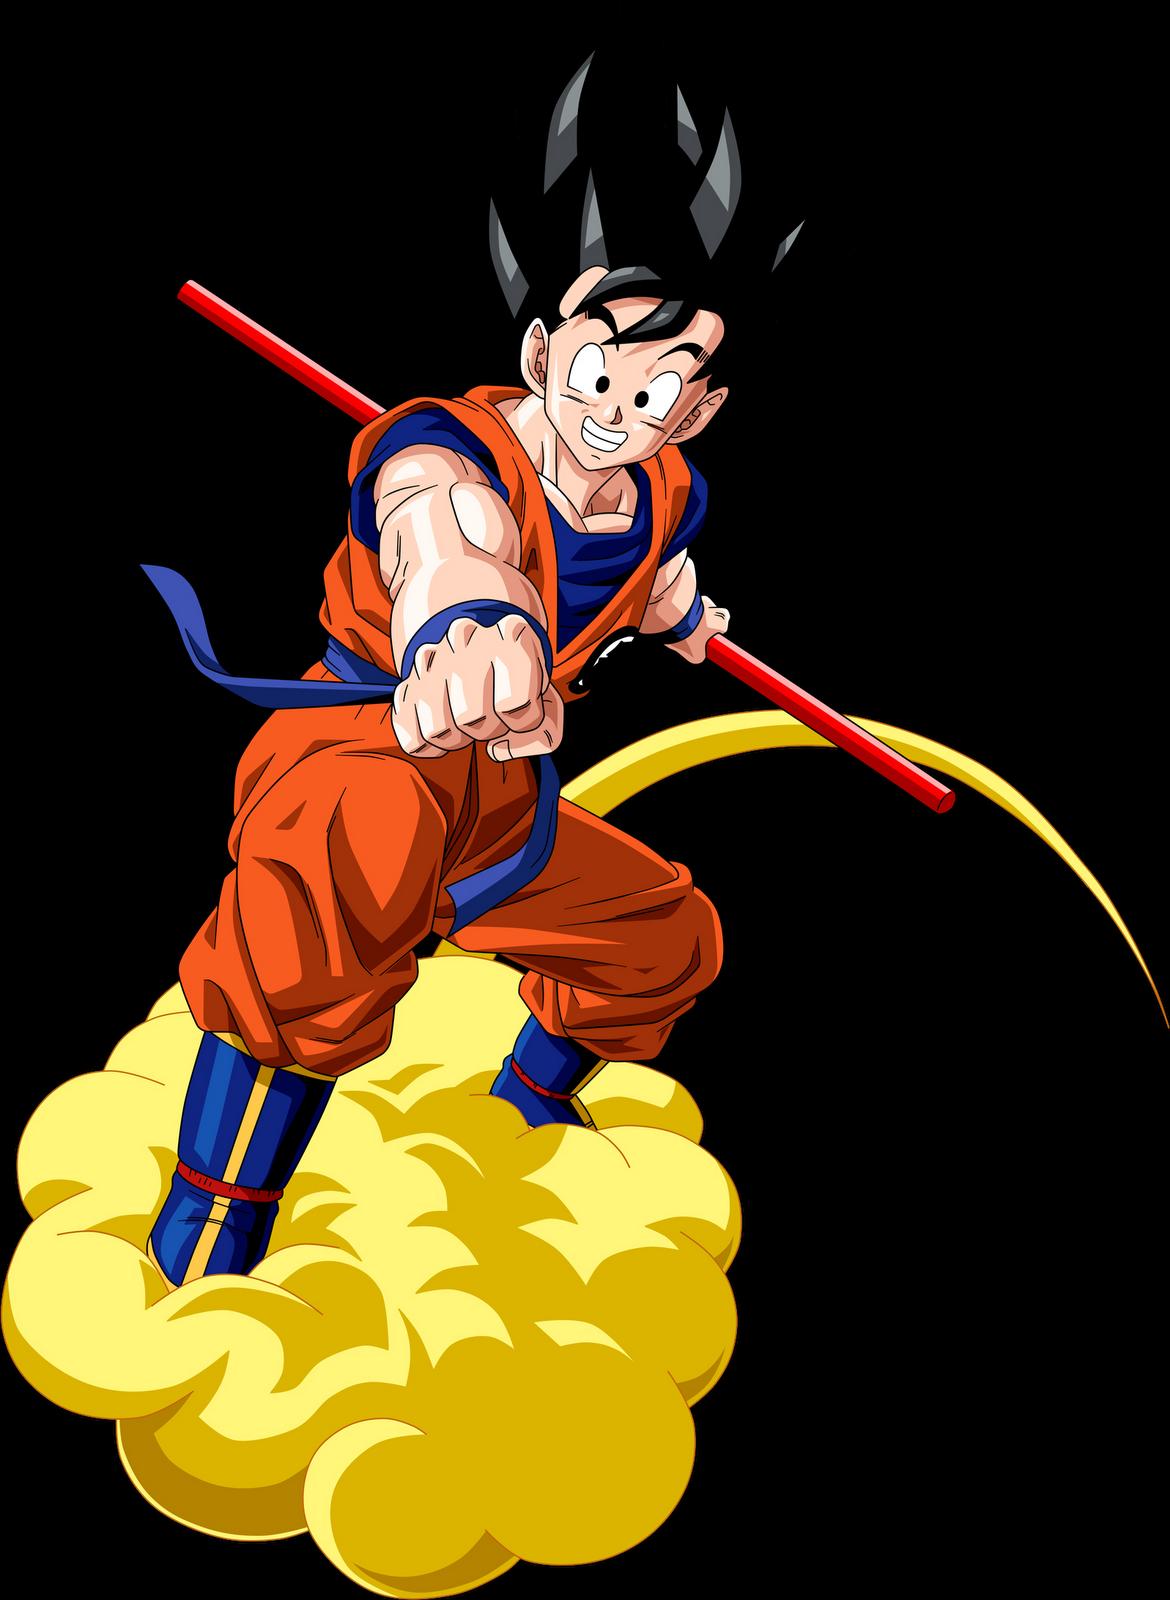 1170x1600 Imagenes Goku Dragonballz Abra A Foto Em Uma Nova Guia Para